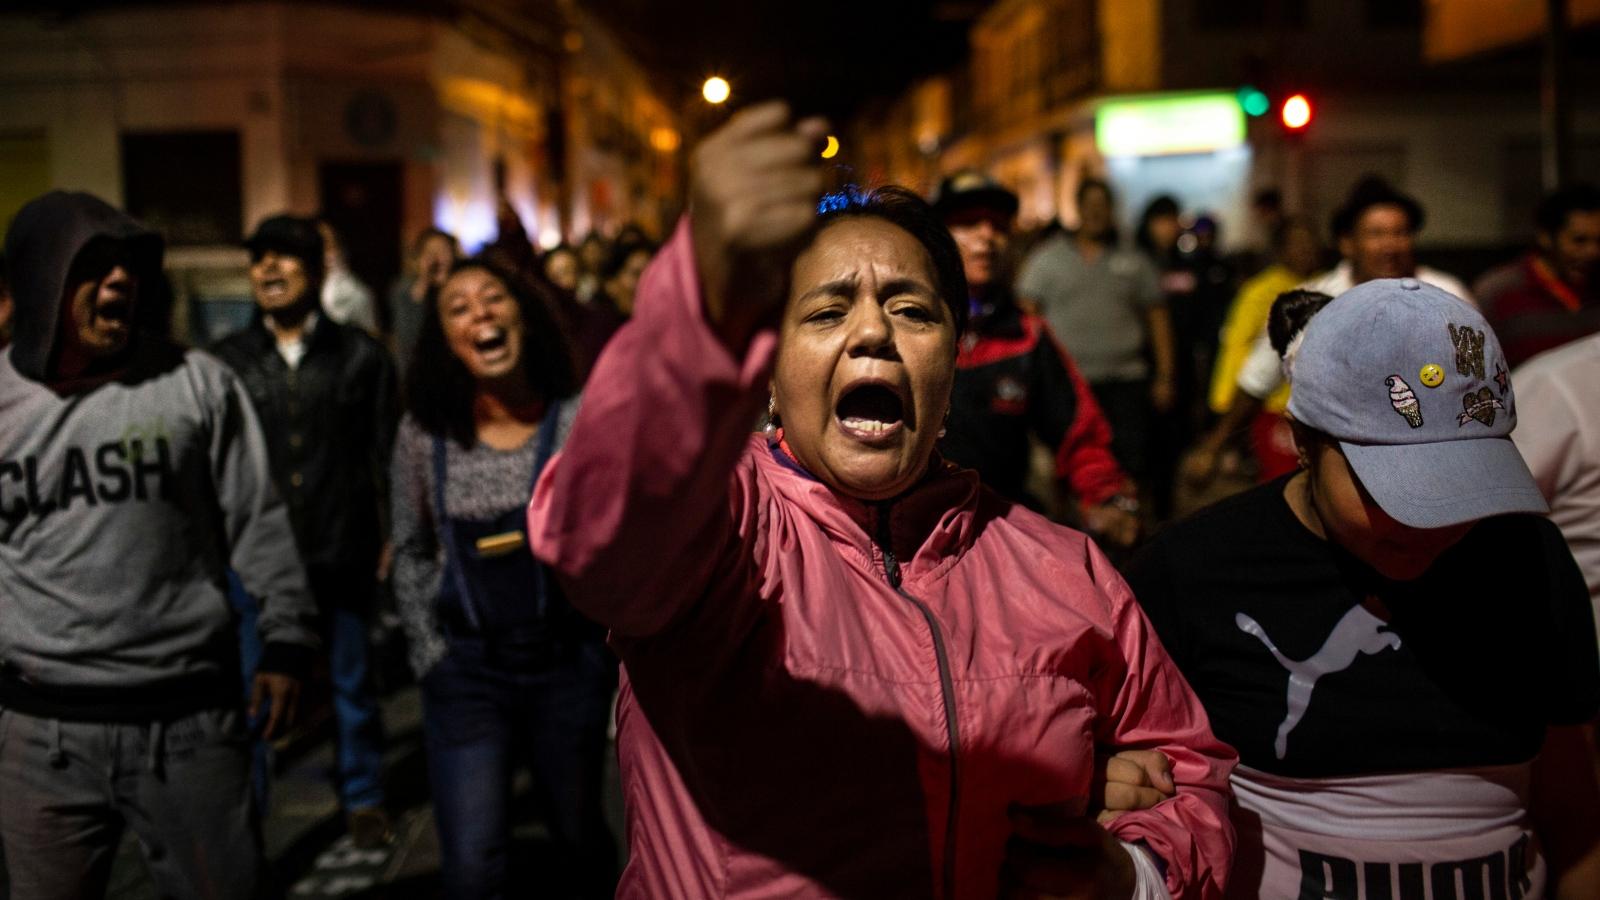 Violencia y xenofobia: las consecuencias del discurso antiinmigración de Ecuador